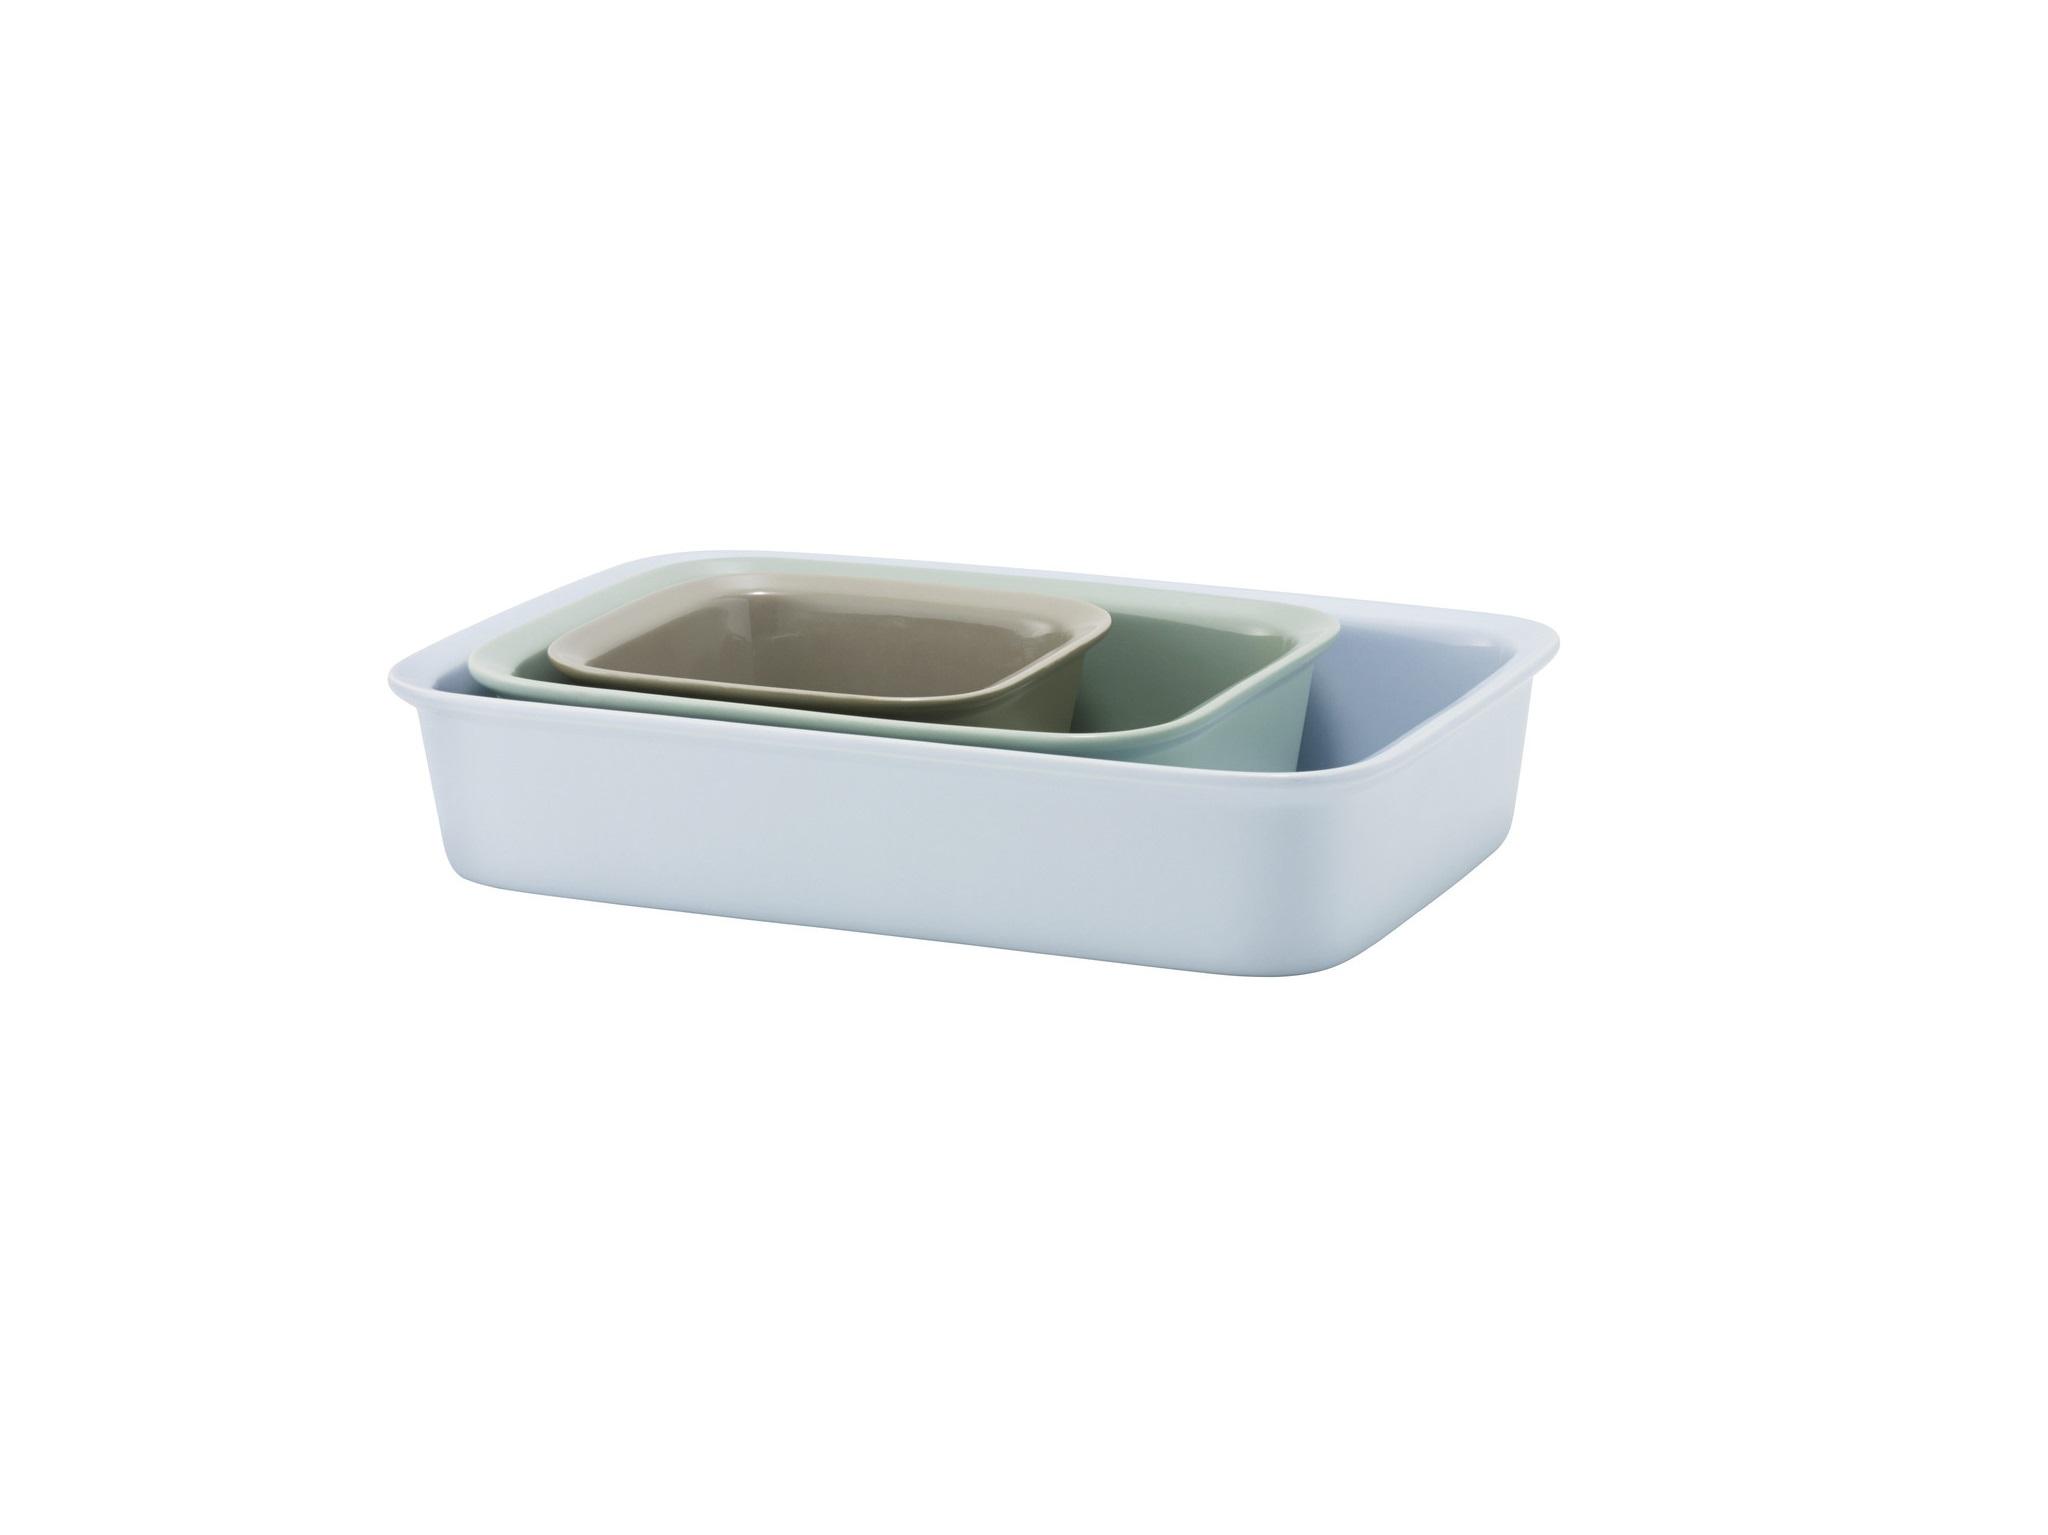 Набор блюд для запекания COOK &amp; SERVE (3шт)Декоративные блюда<br>Набор из трех блюд для запекания предлагает на выбор размер блюда на любой случай. Маленькое подходит для закусок или подачи блюд, а большое для чего угодно от лазаньи и запеченных овощей до домашнего пирога. У блюд приятная матовая внешняя поверхность, внутренняя поверхность - глянцевая (для удобства мытья).&amp;lt;div&amp;gt;&amp;lt;br&amp;gt;&amp;lt;/div&amp;gt;&amp;lt;div&amp;gt;&amp;lt;span style=&amp;quot;font-size: 14px;&amp;quot;&amp;gt;Размеры: большое: длина 34,5, ширина 24,5, высота 7; среднее: высота 7, длина 25,8, ширина 19; маленькое: высота 7, ширина 16, длина 16.&amp;amp;nbsp;&amp;lt;/span&amp;gt;&amp;lt;br&amp;gt;&amp;lt;/div&amp;gt;<br><br>Material: Керамика<br>Ширина см: 34<br>Высота см: 7<br>Глубина см: 24